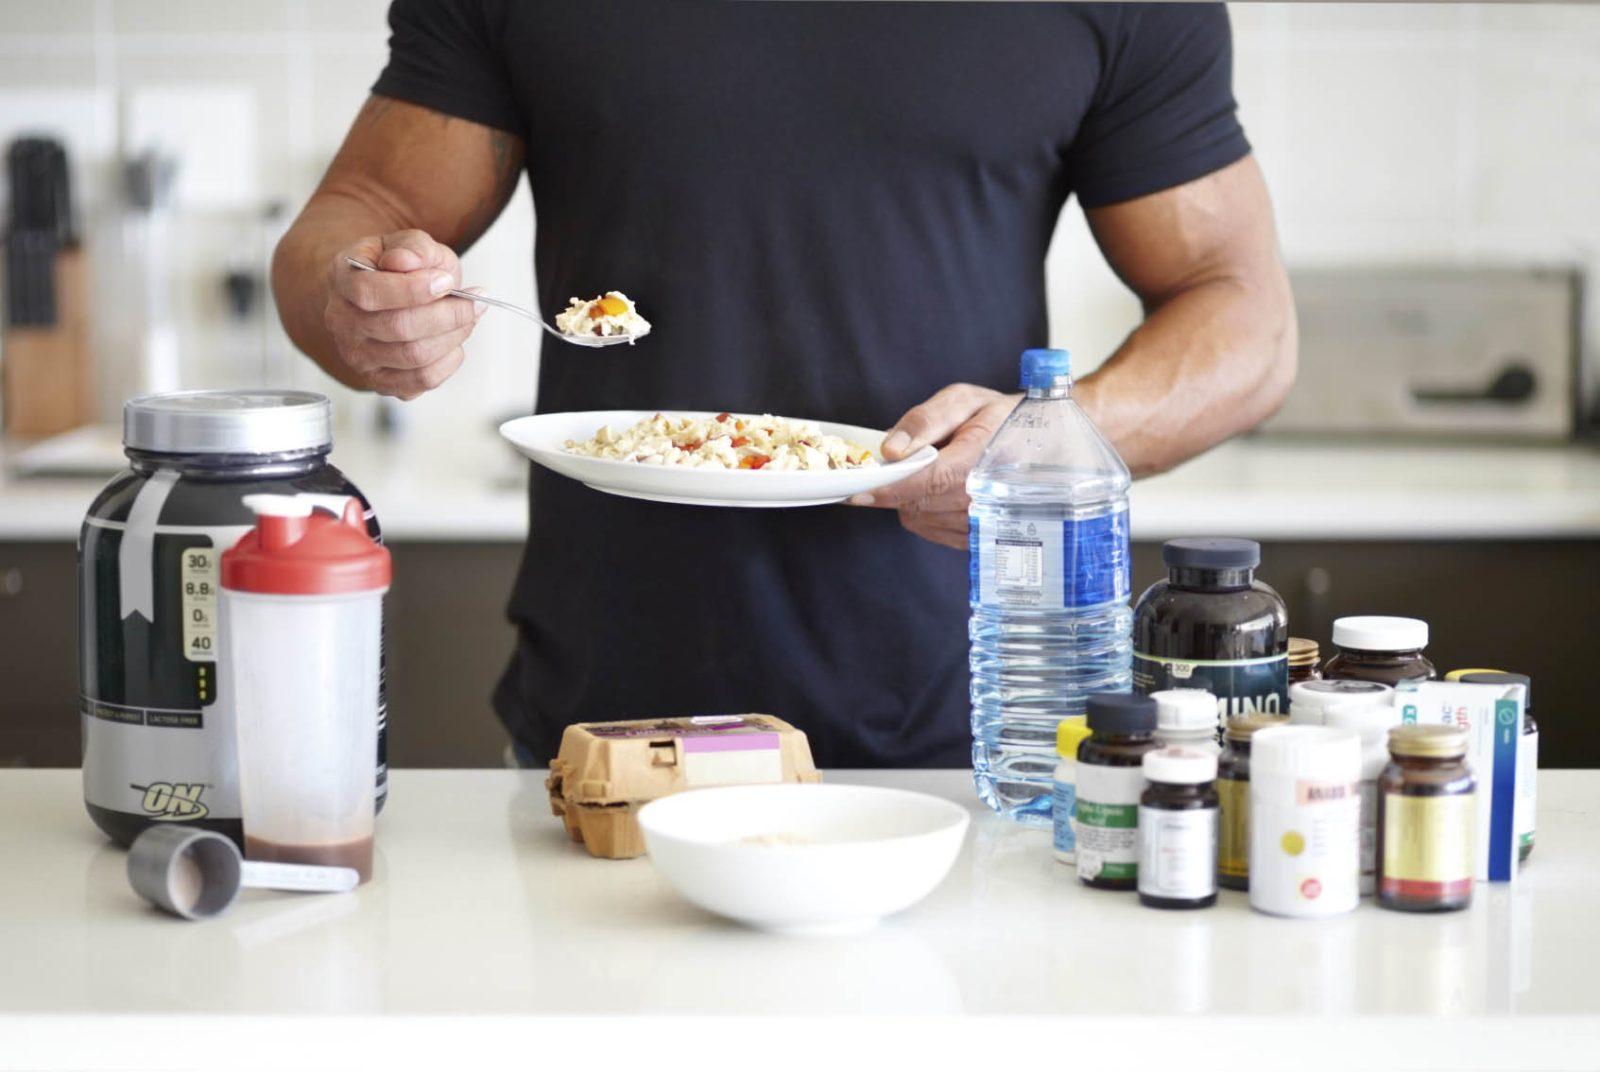 دورة تغذية الرياضيين